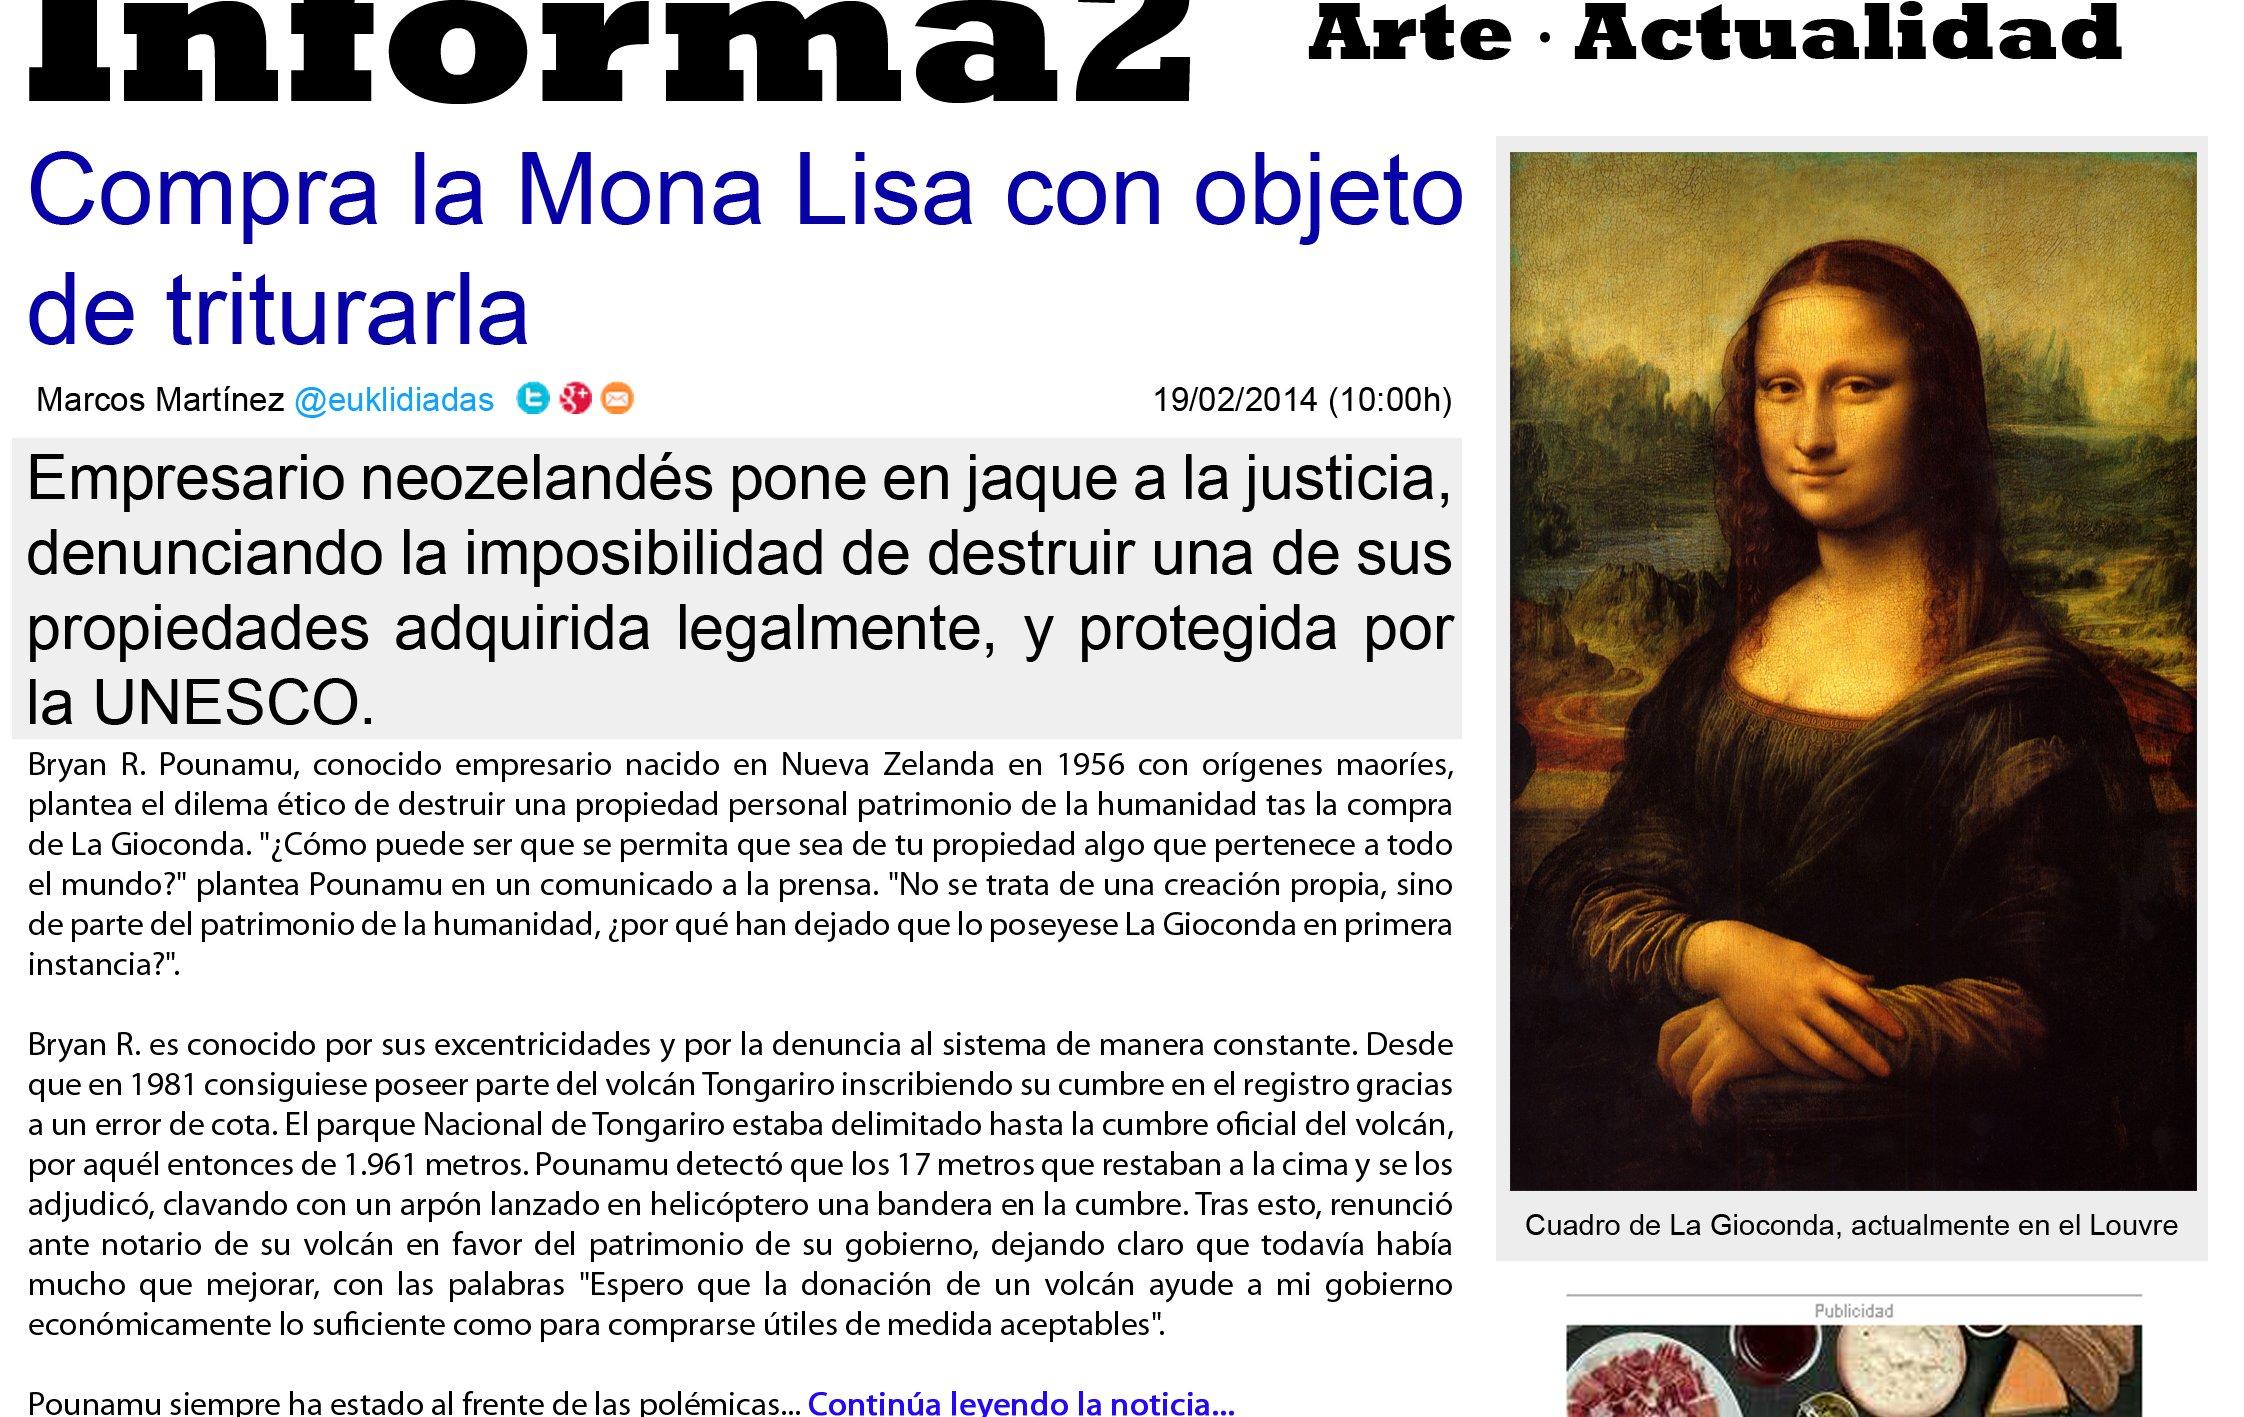 Compra la Mona Lisa con objego de triturarla